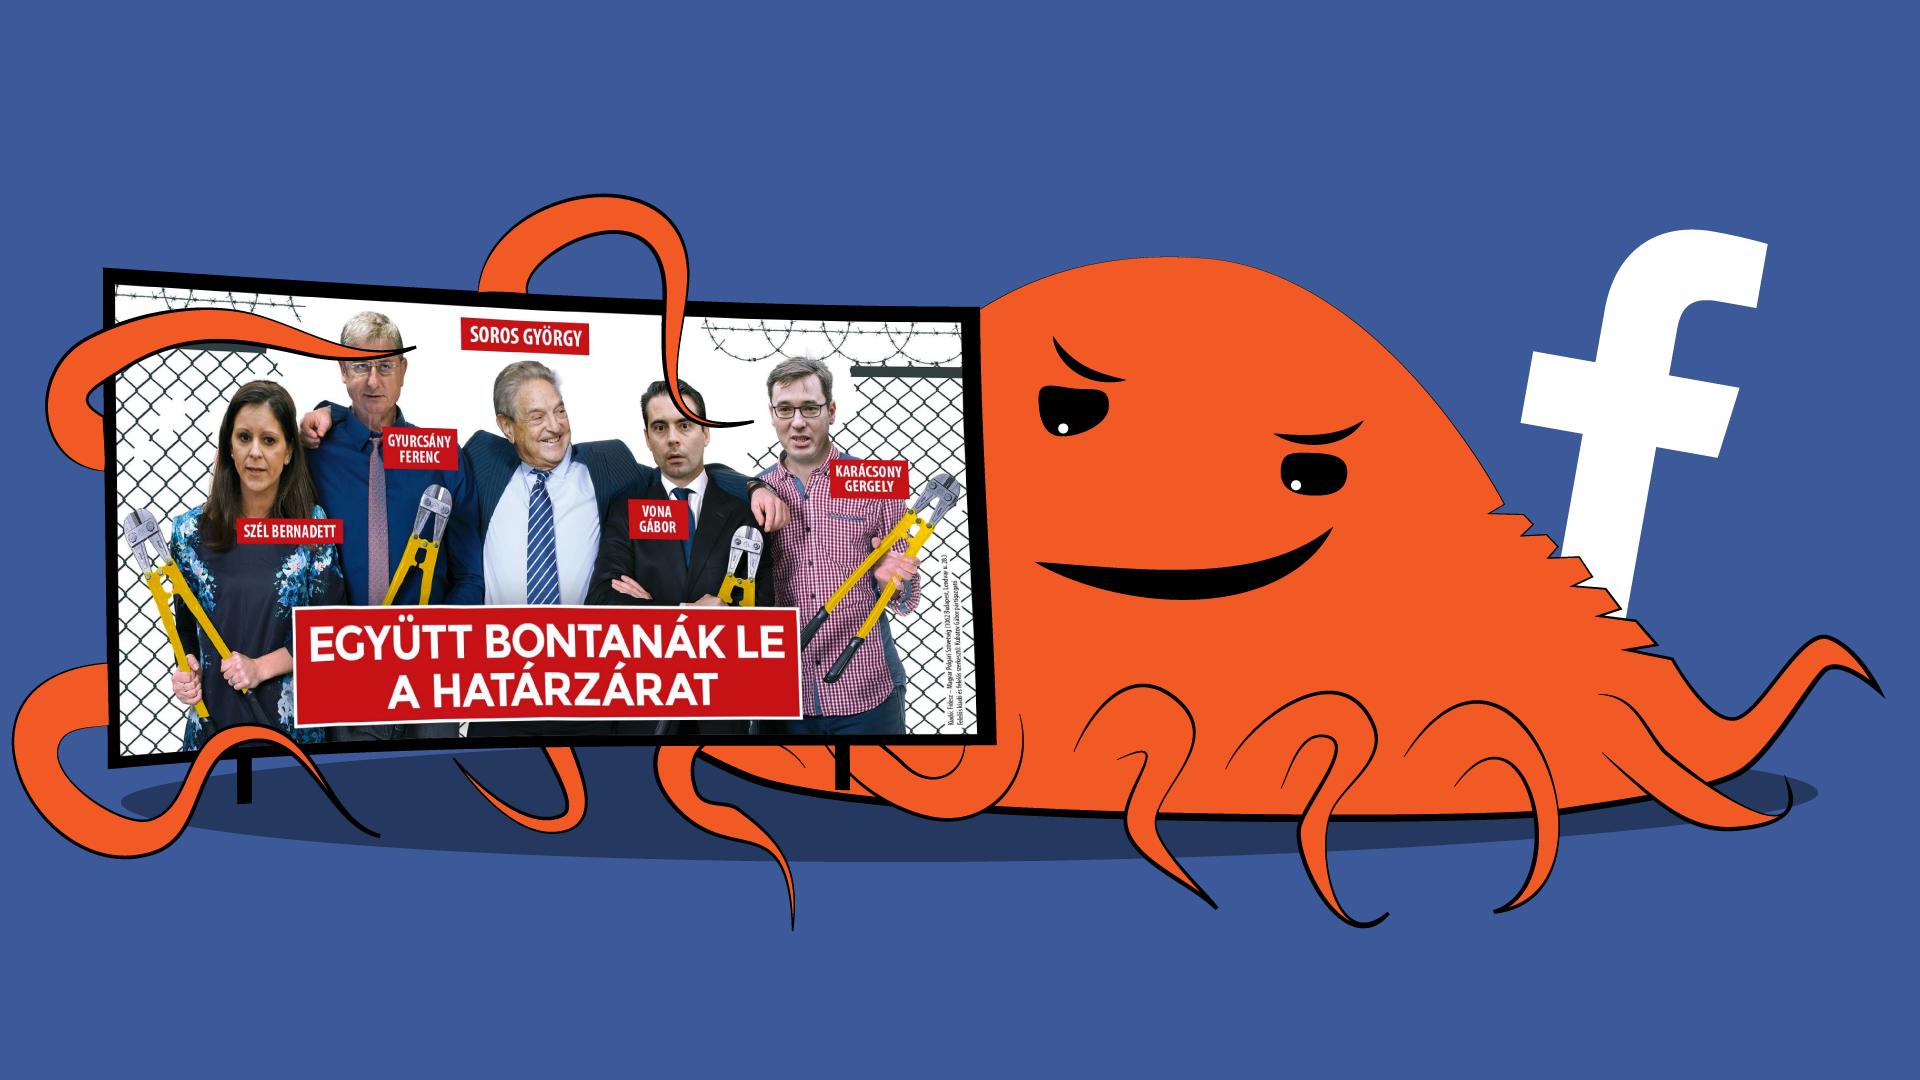 A Fidesz kedden kipróbálta a teljes Facebook-hadseregét